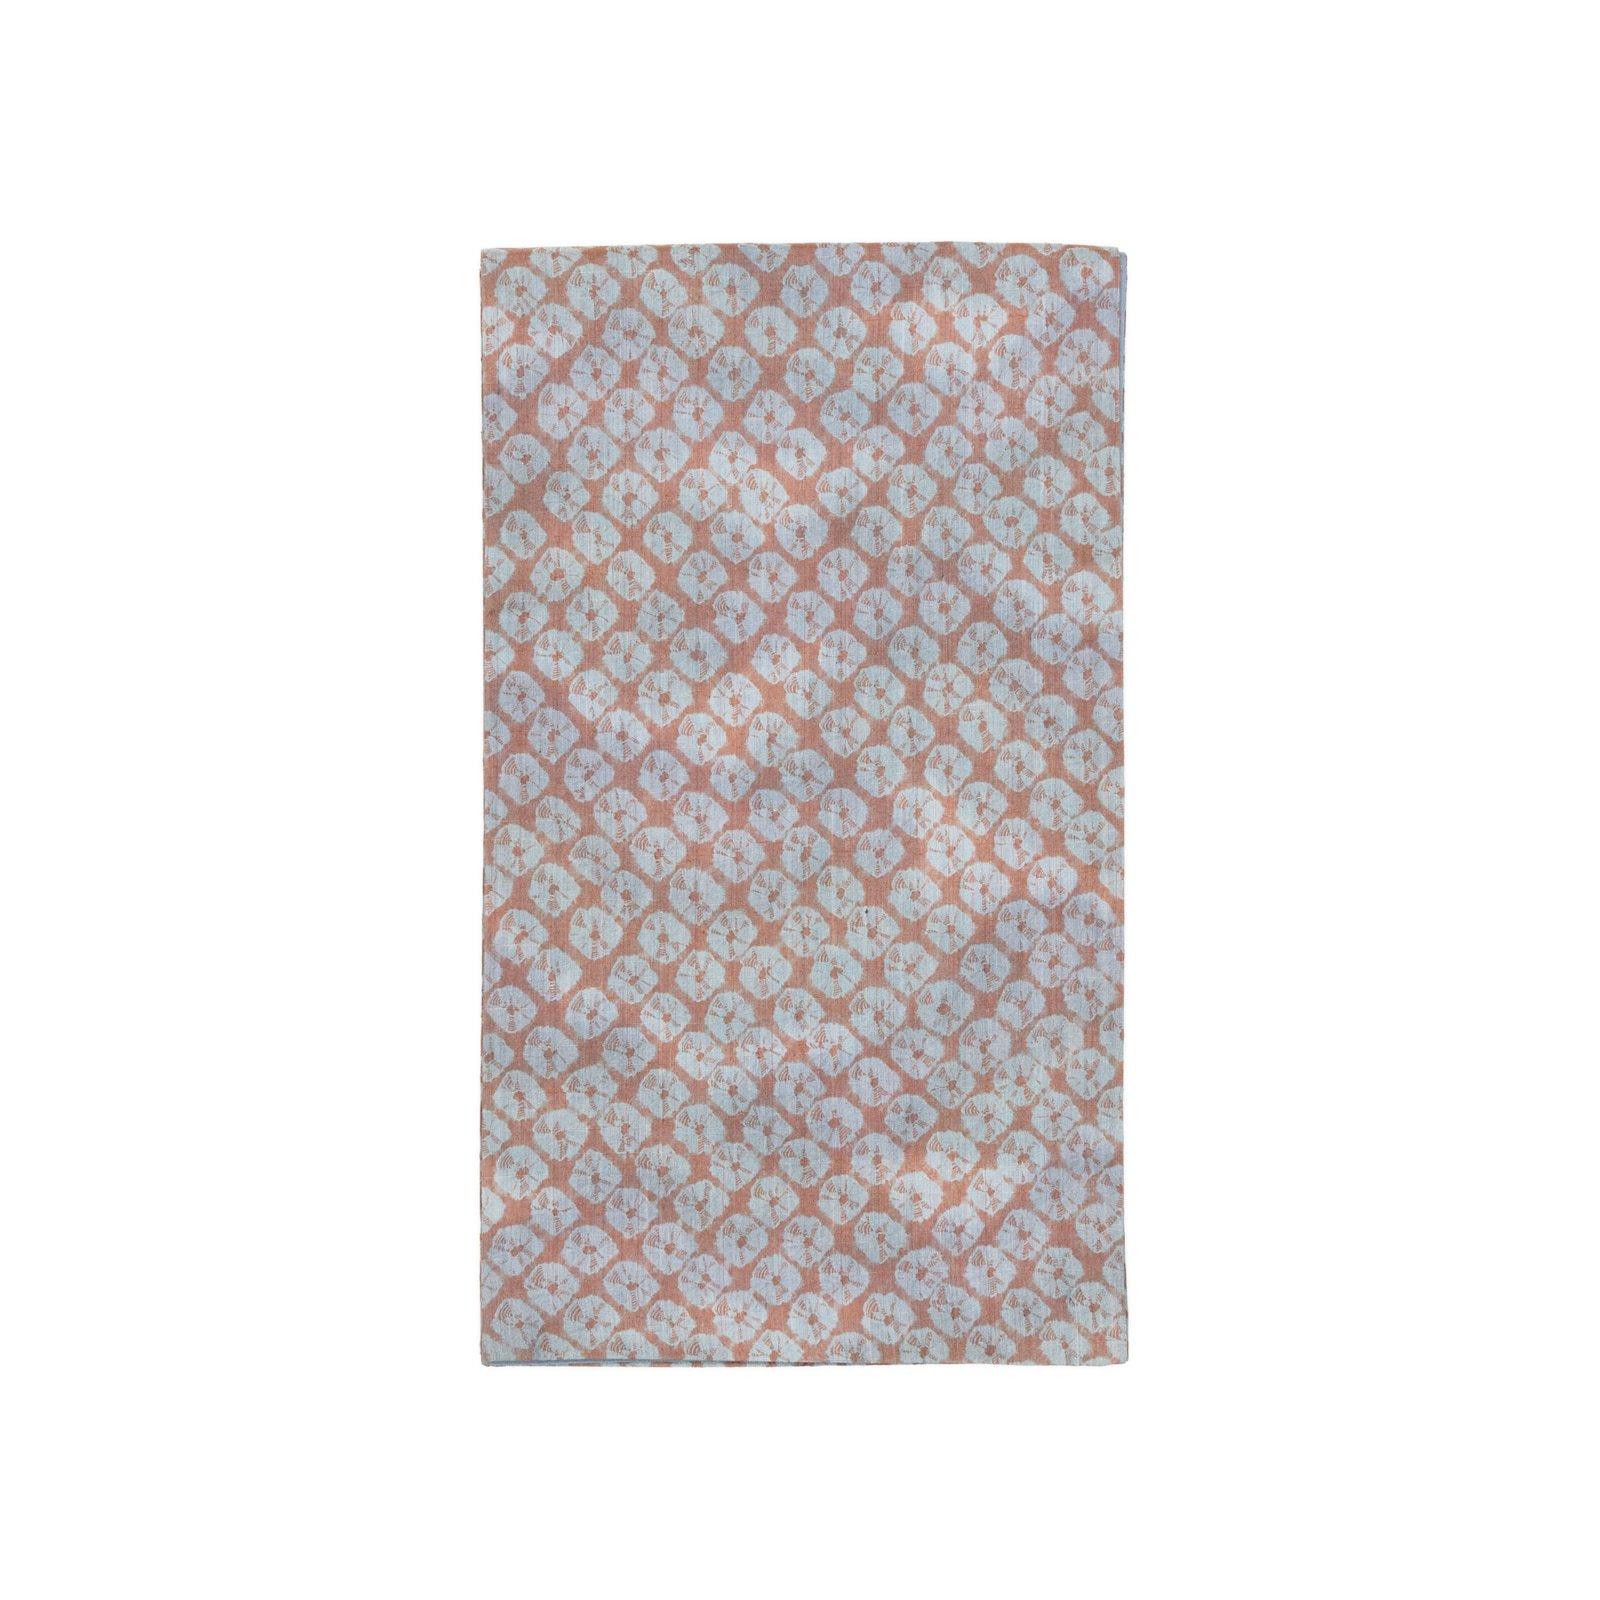 「洒落袋帯●紬に蜘蛛絞り」の商品画像